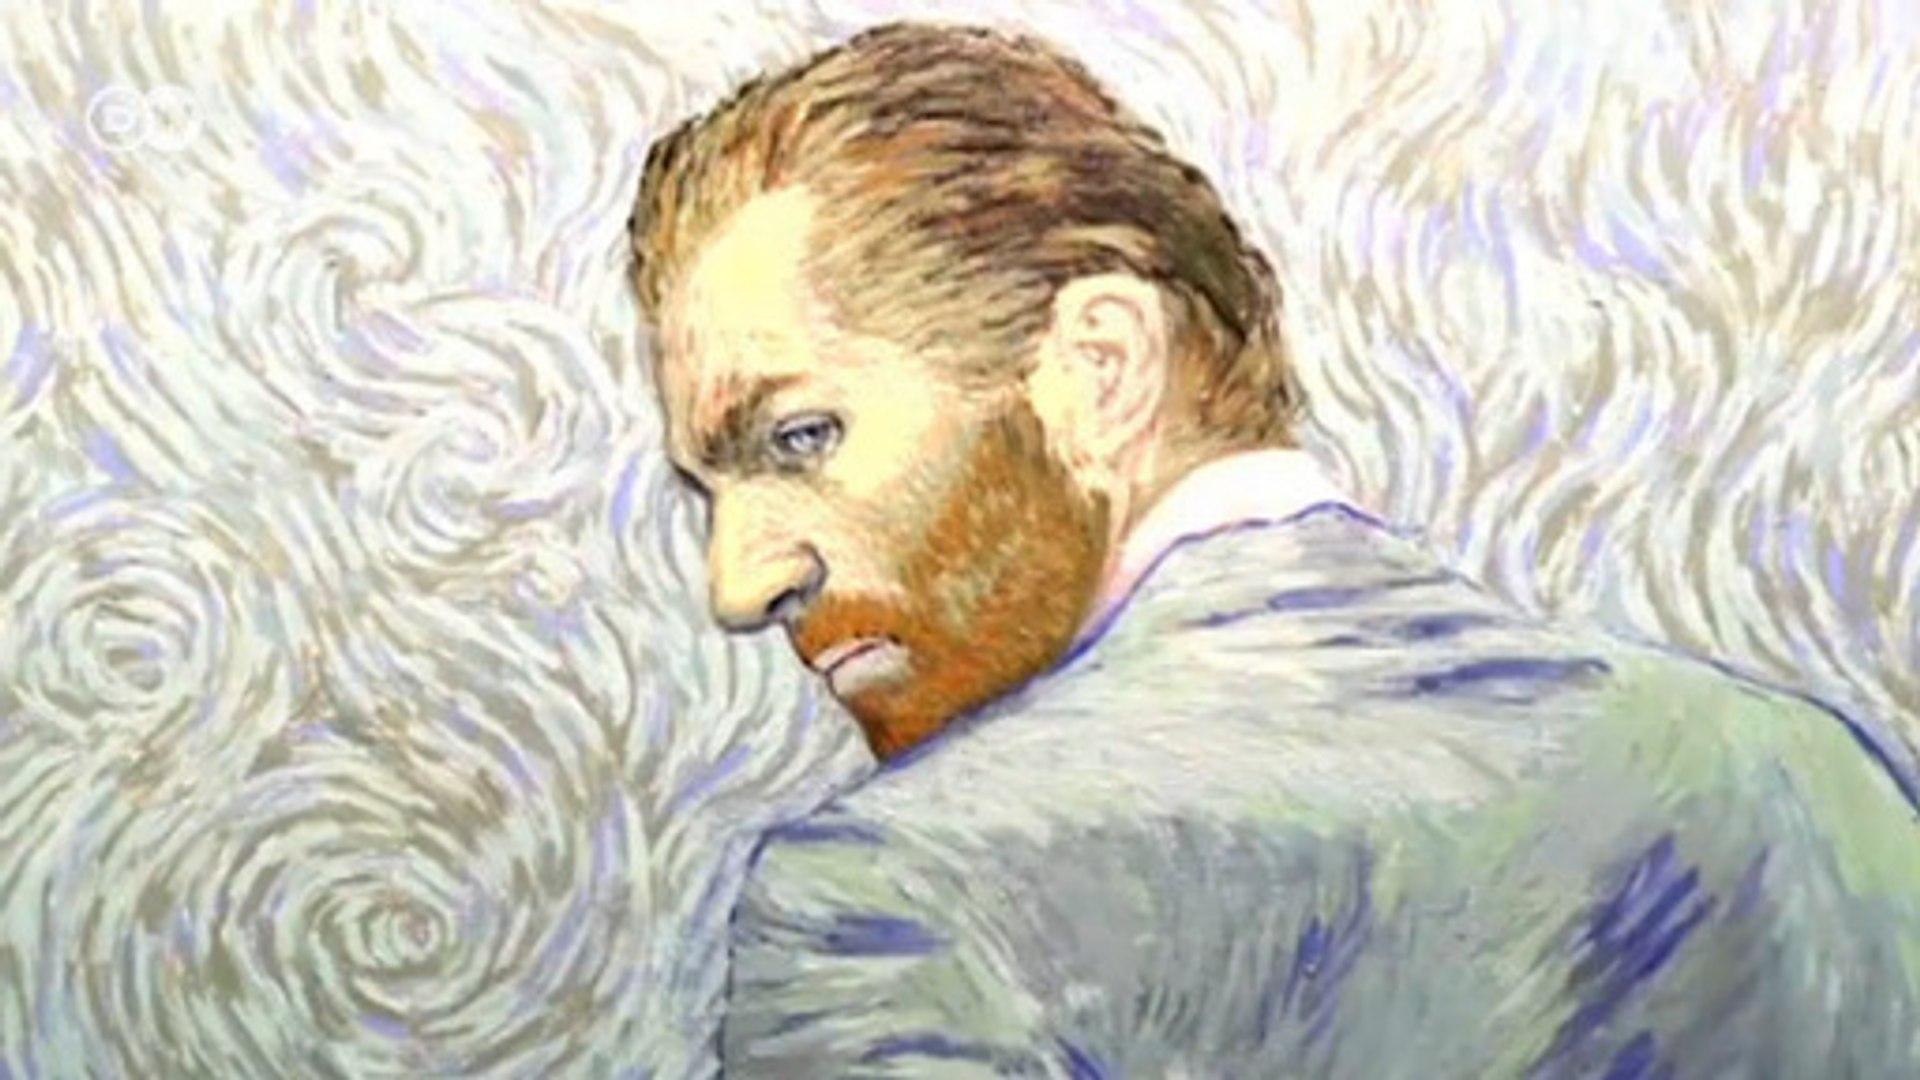 Vida De Van Gogh Vira Filme De Animação Feito Todo Com Pinturas